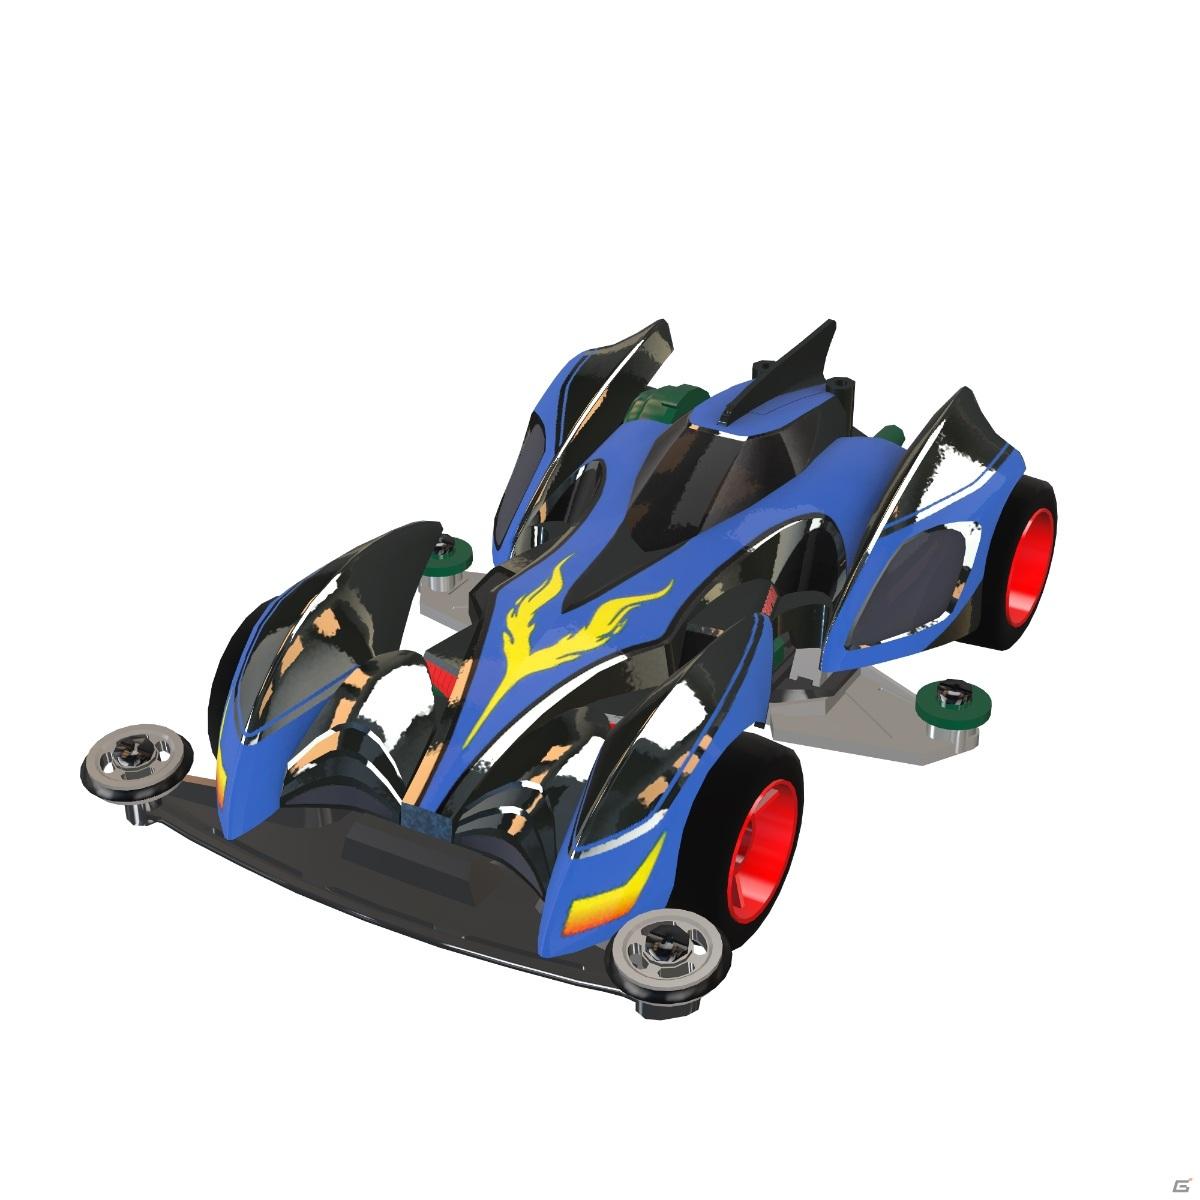 シャイニング 超速 スコーピオン グランプリ